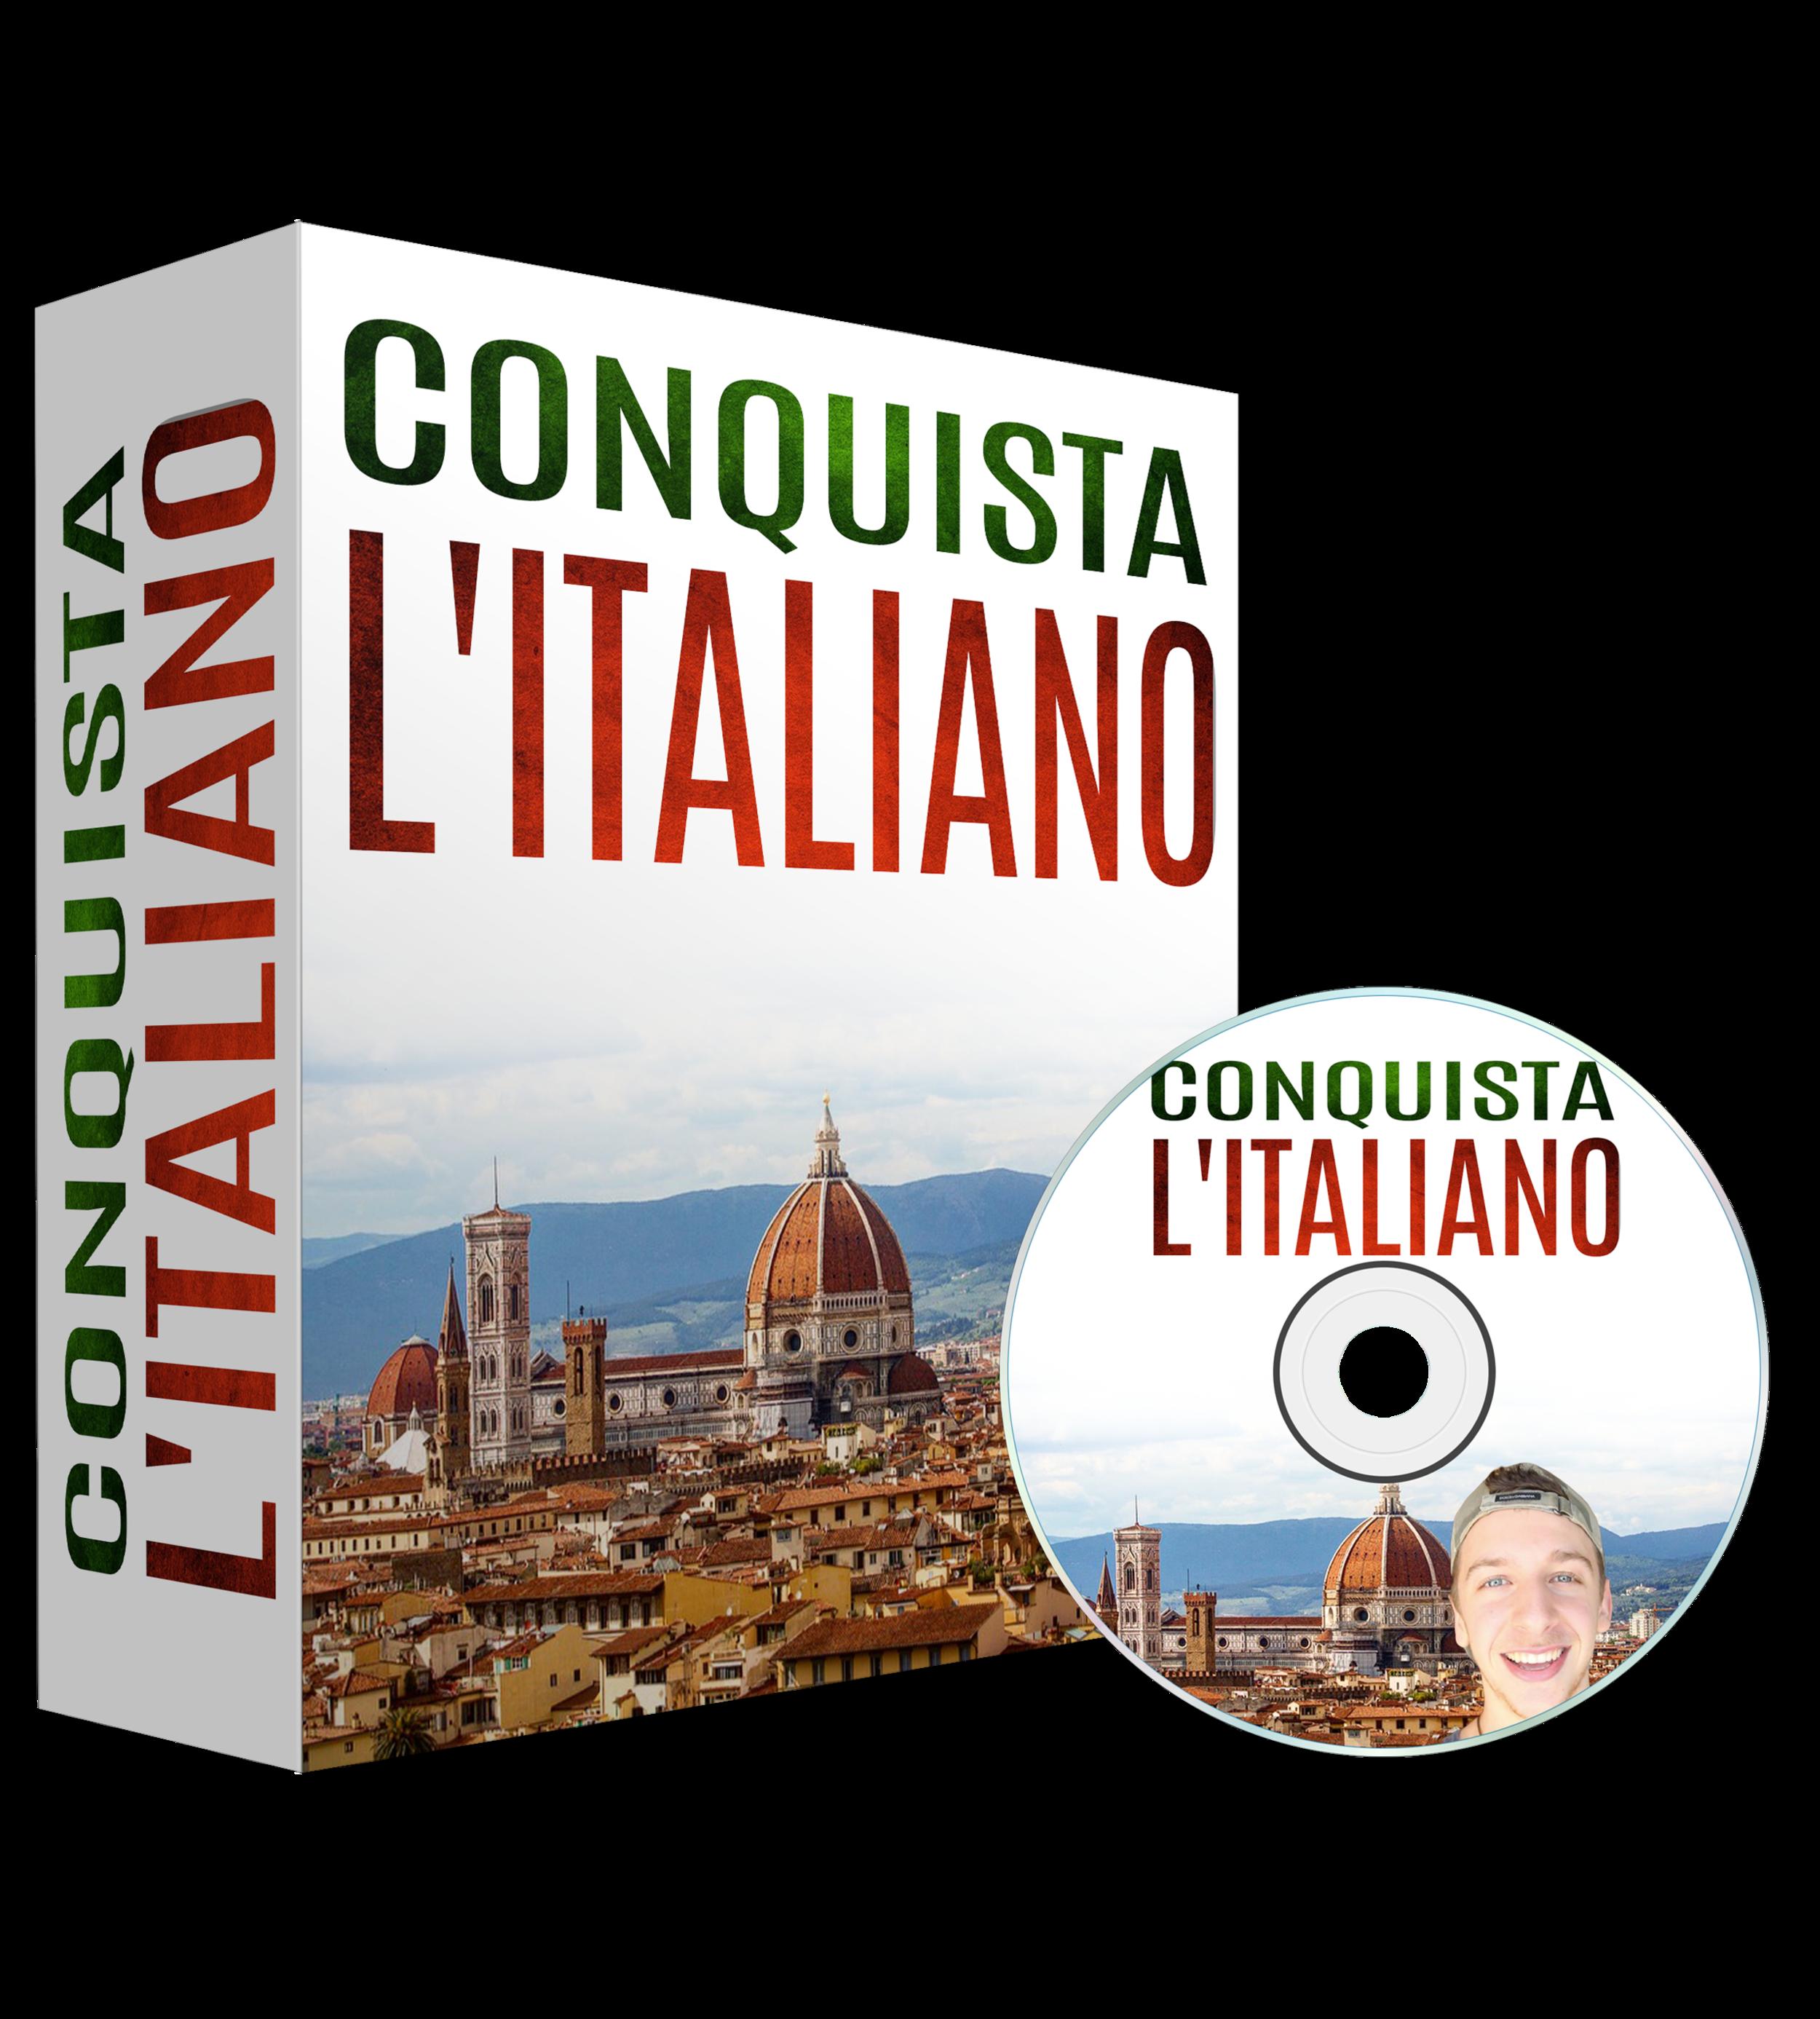 Conquista l'italiano - Parlo già un po' d'italiano e ora sono pronto a raggiungere nuove vette con questa lingua: